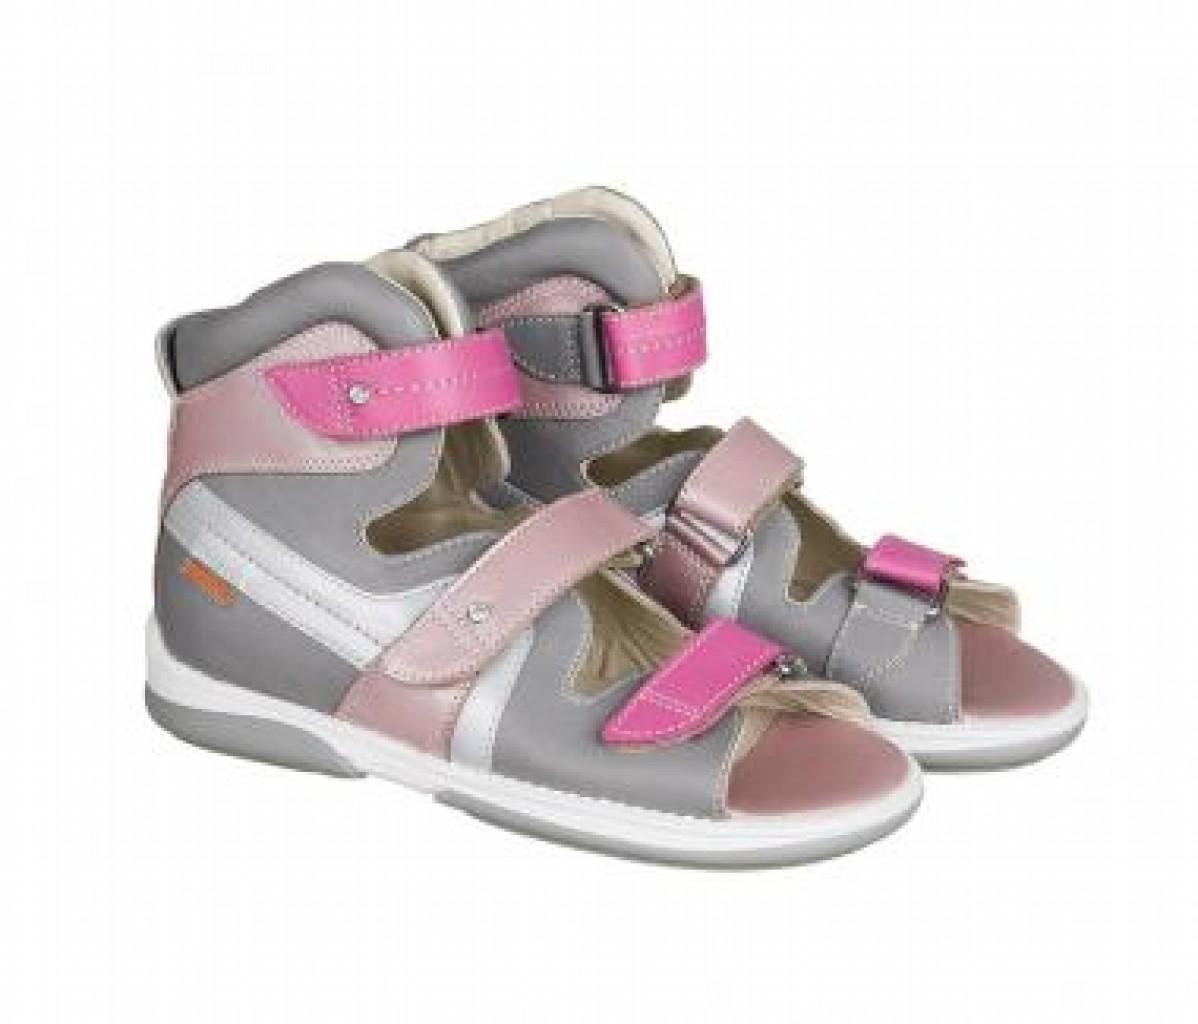 MEMO IRIS sivo ružové dievčenské supinované sandále 30-38